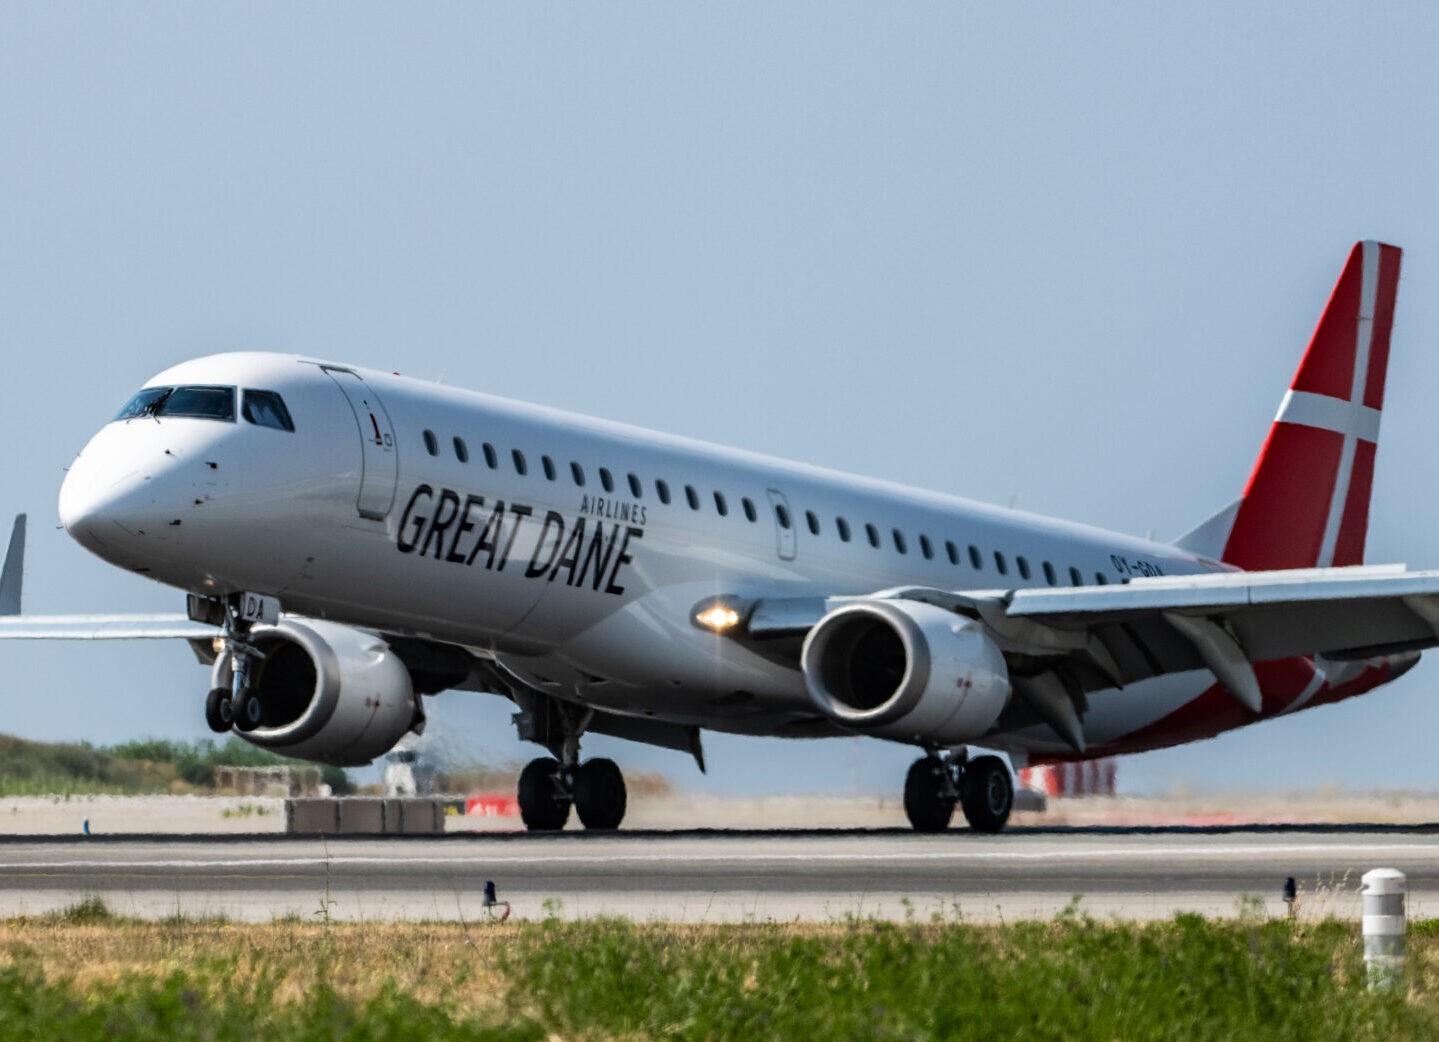 Når Spies kort før jul i år åbner sin nye ugentlige rute mellem Aarhus Lufthavn og Gran Canaria, skal den flyves med Embraer ERJ-195 fra Great Dane Airlines', der dermed får debut i Aarhus Airport, oplyser lufthavnen. Pressefoto fra Great Dane Airlines.